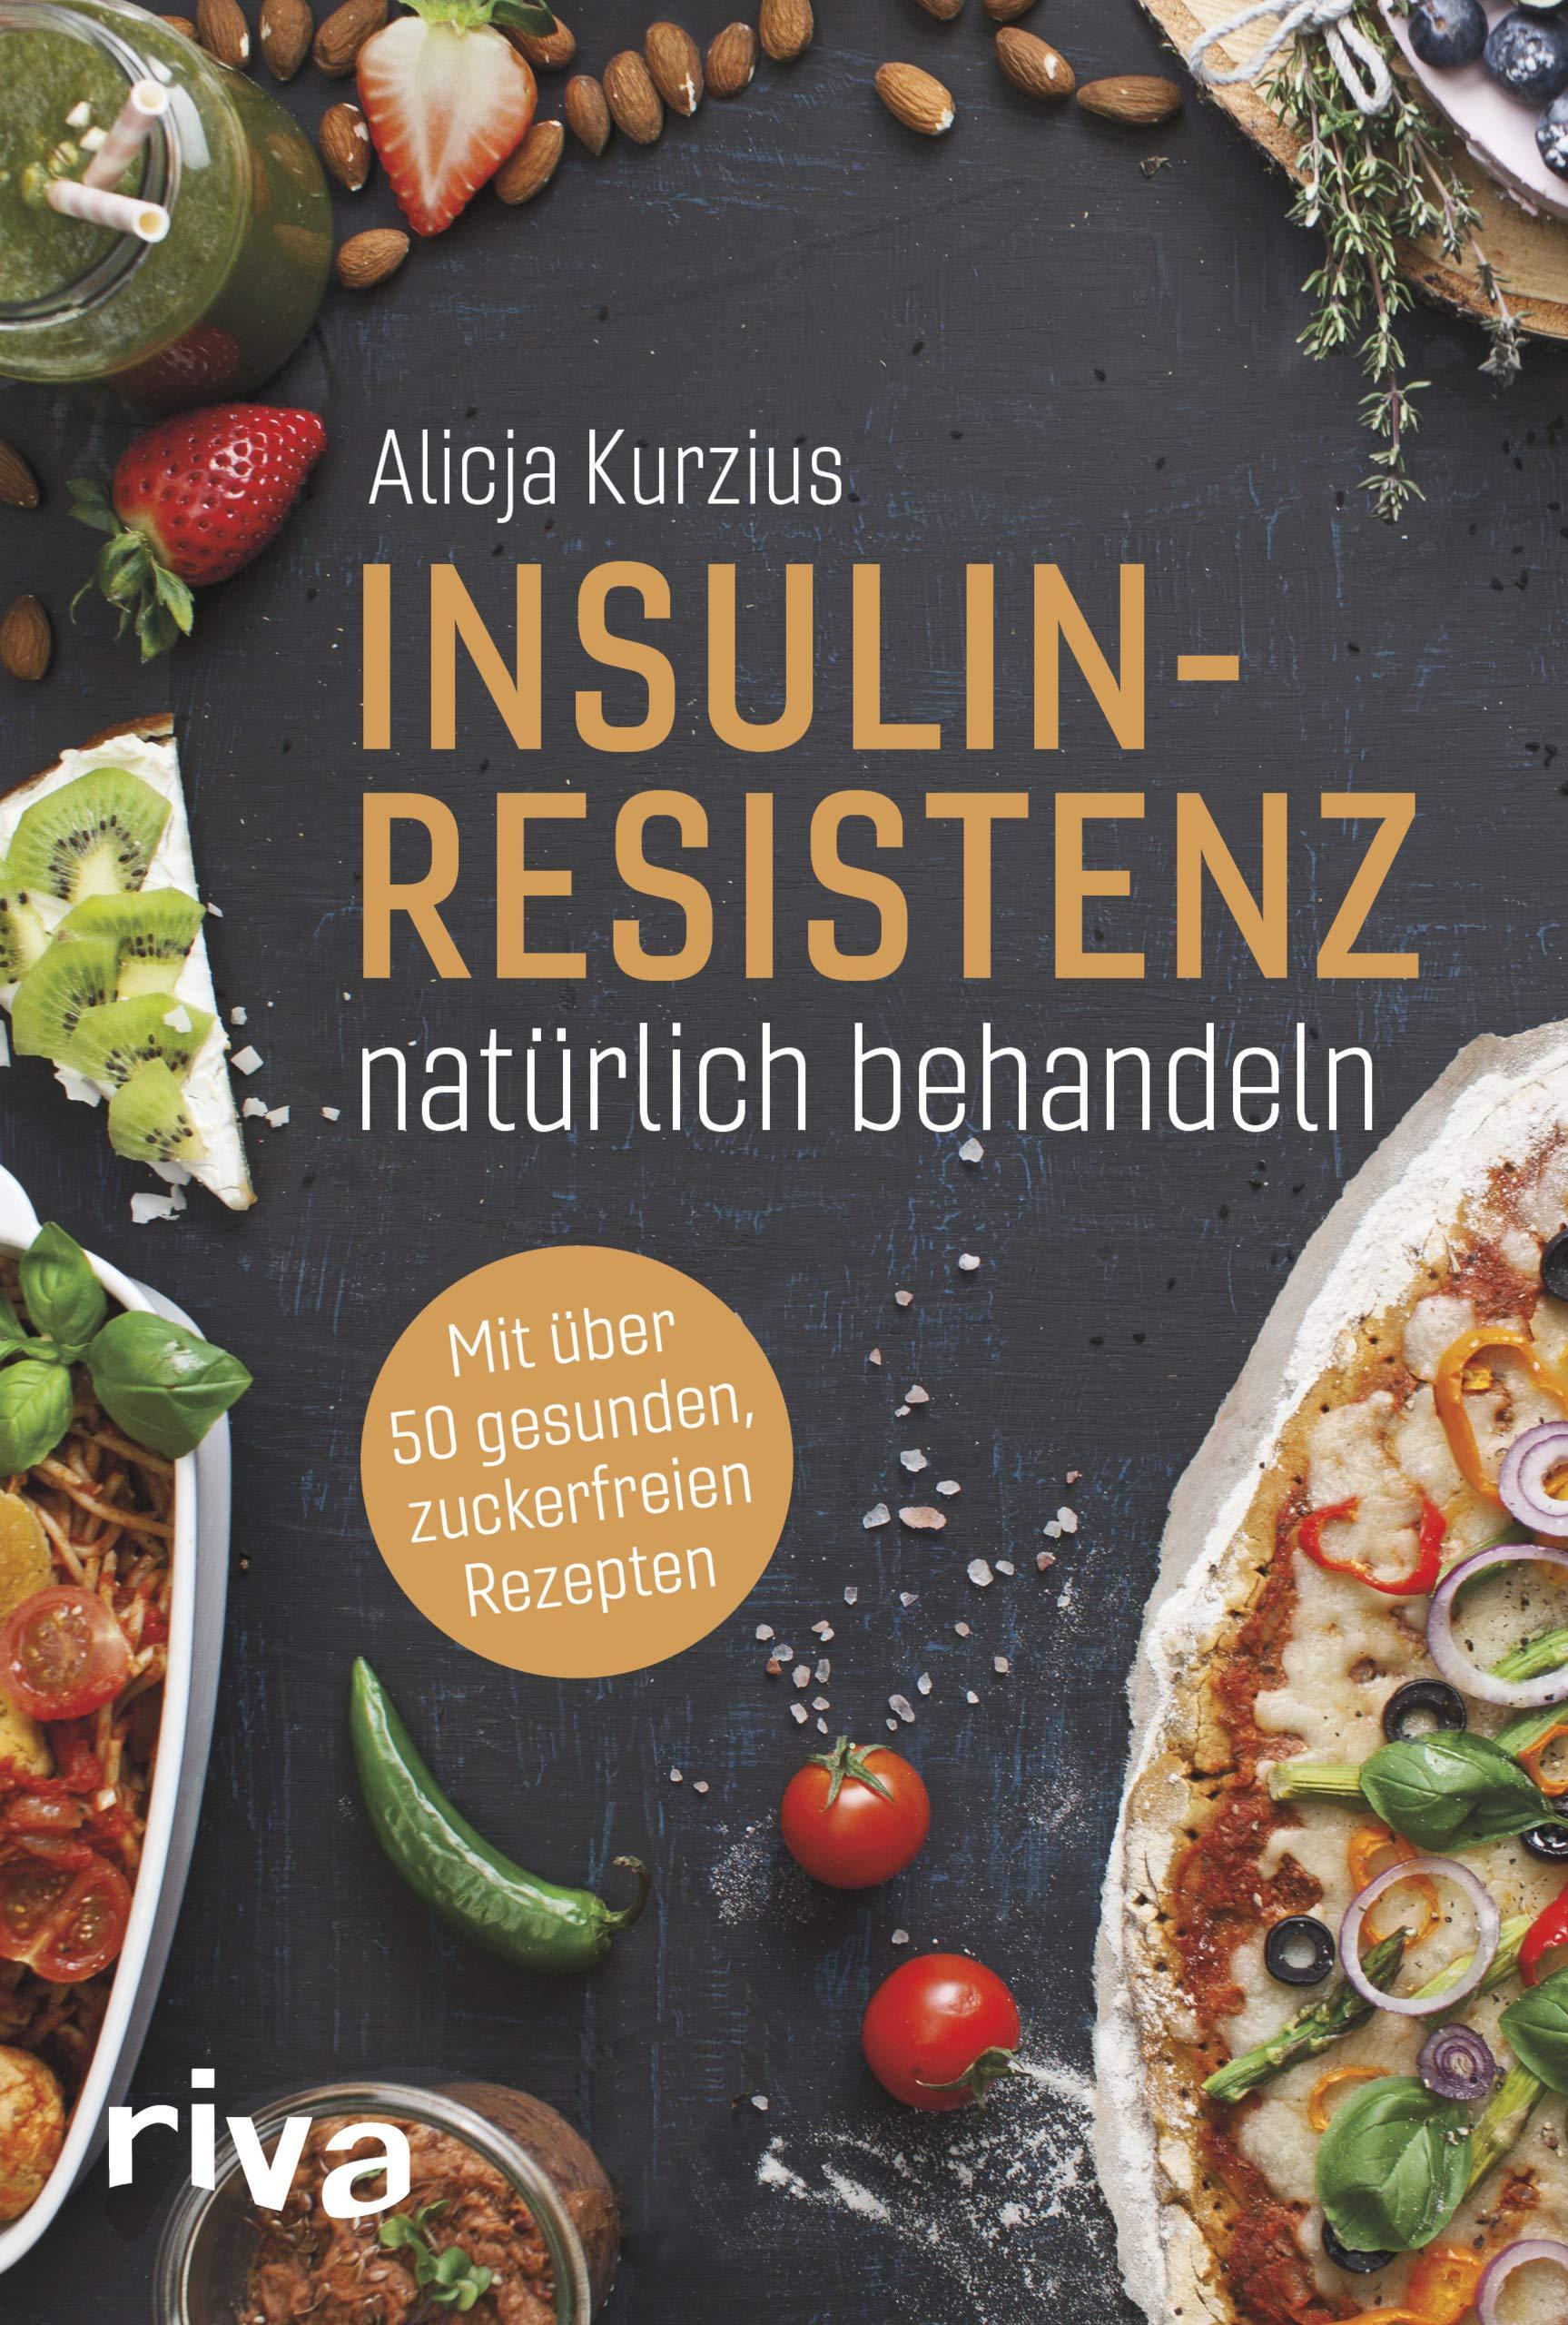 Wie kann eine Person mit Insulinresistenz Gewicht verlieren